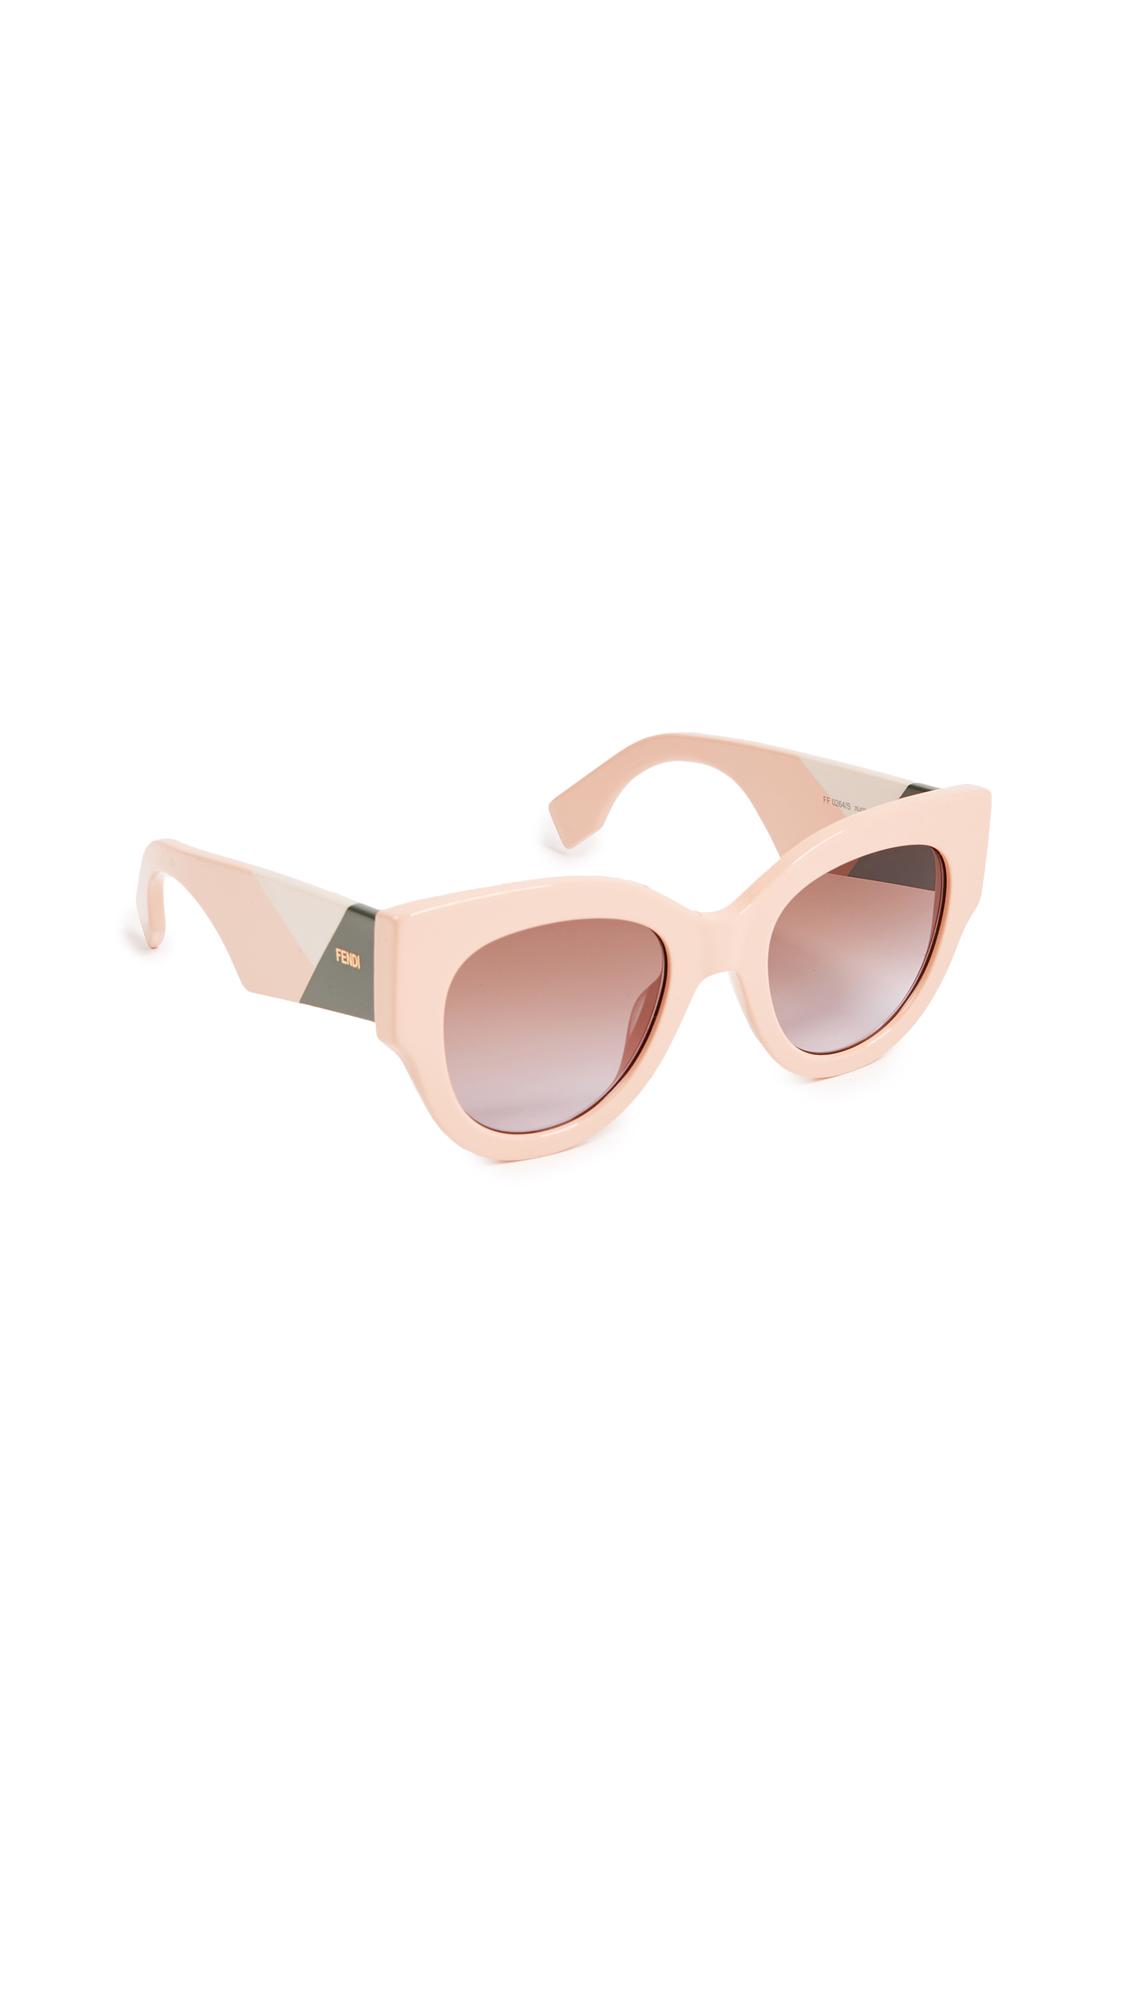 Fendi Cat Eye Colorblock Sunglasses In Pink/Brown